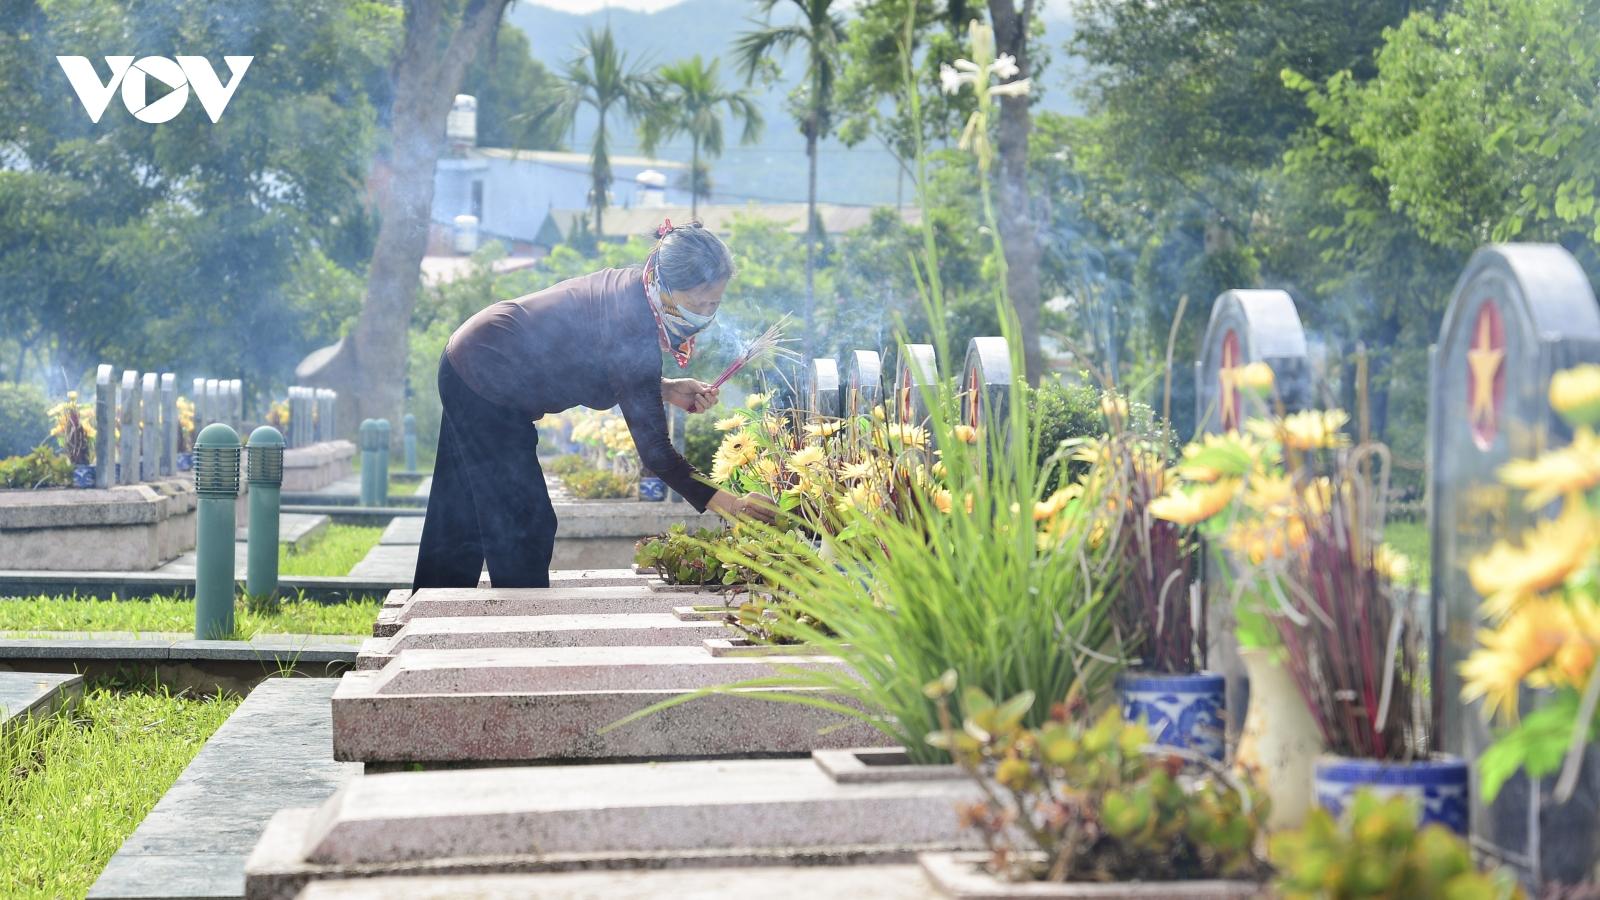 Xúc cảm tháng 7 tri ân tại Điện Biên